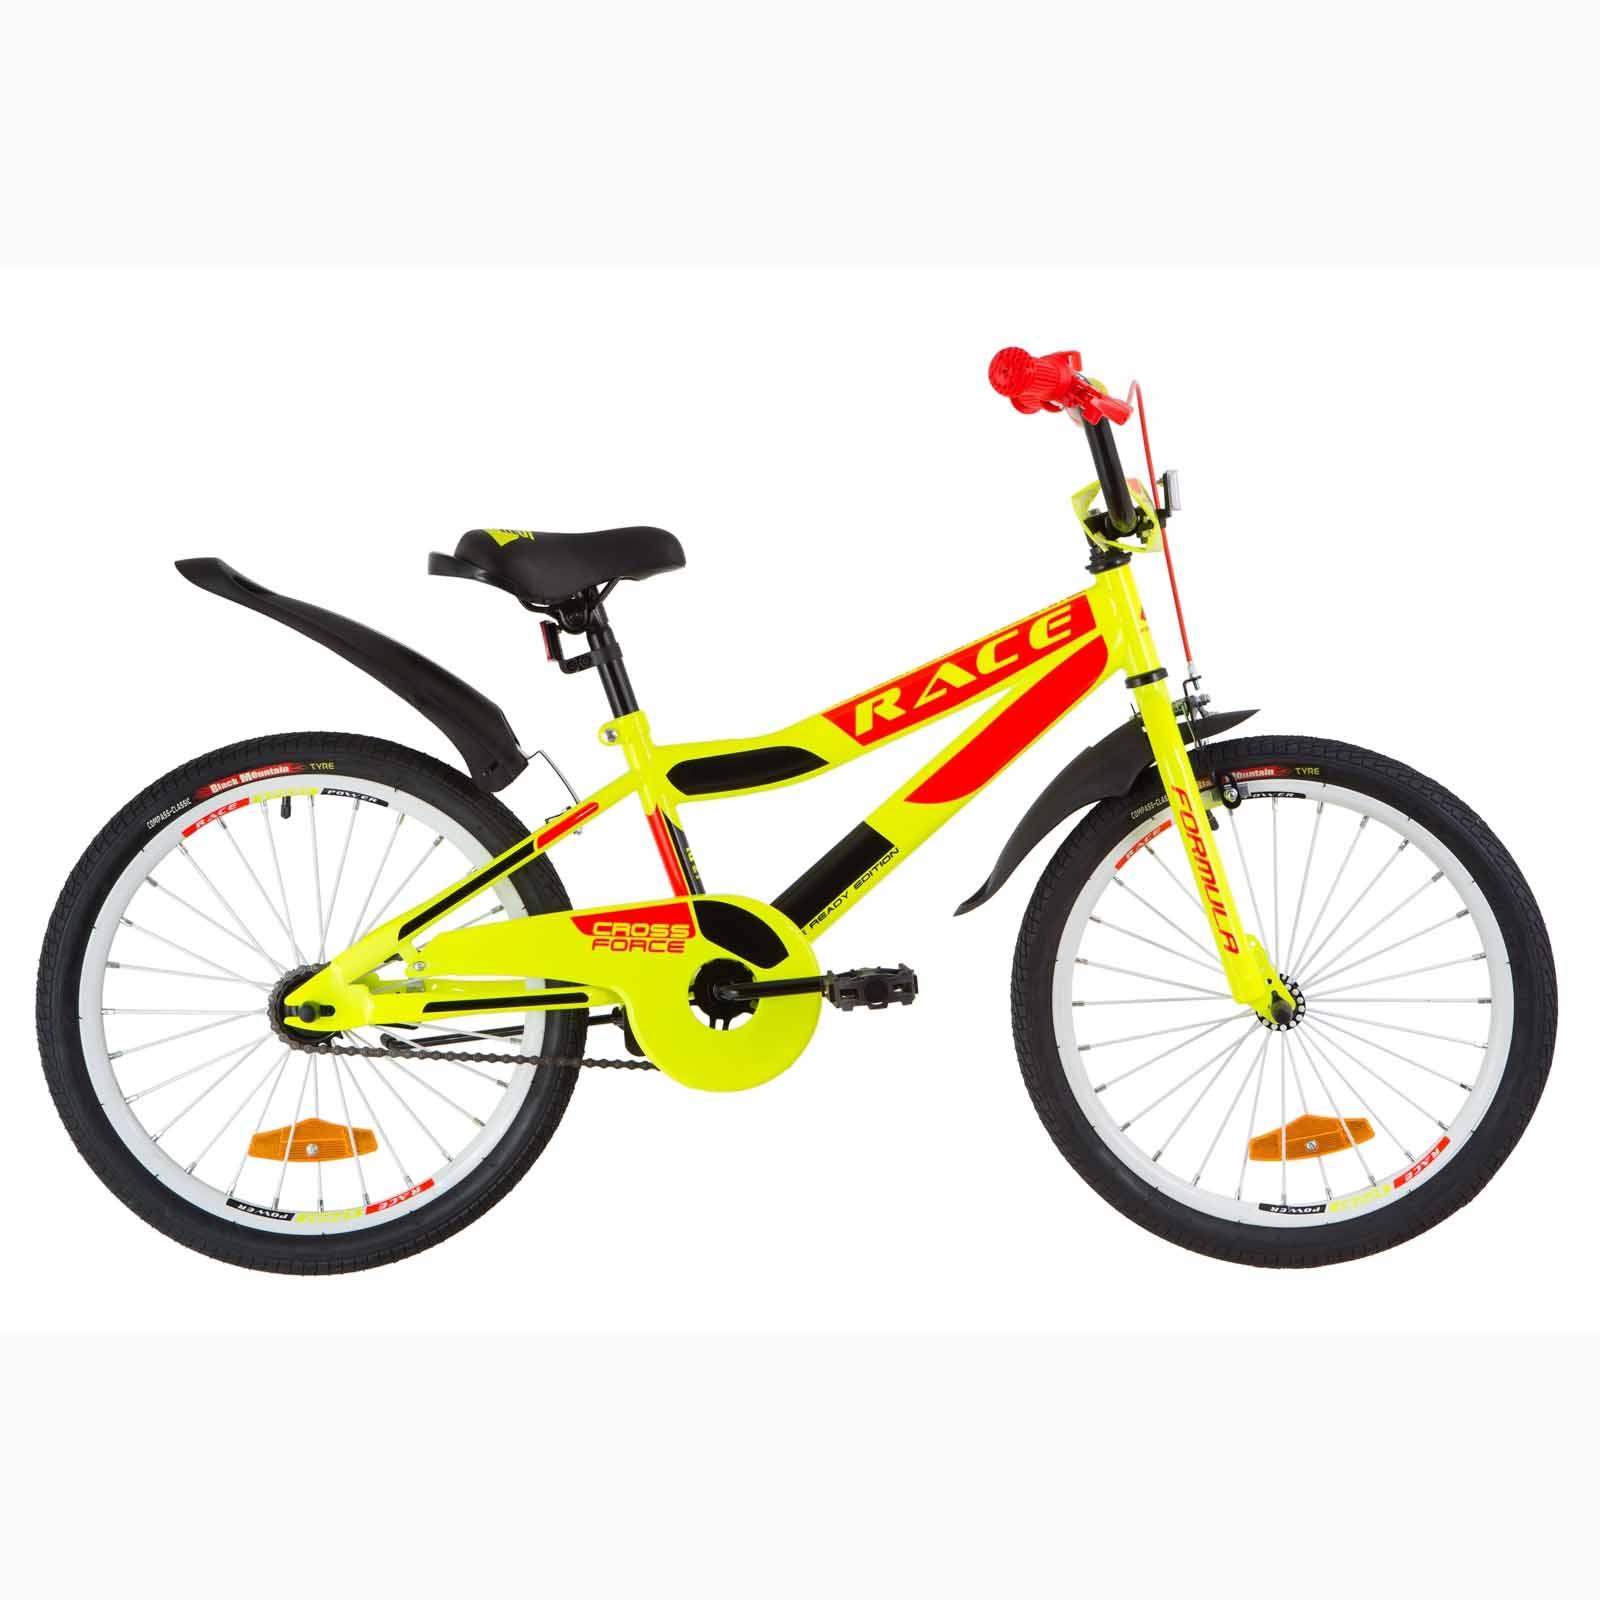 Фото Детский Велосипед 20 Formula RACE  усилен.  желто-оранжевый  2019